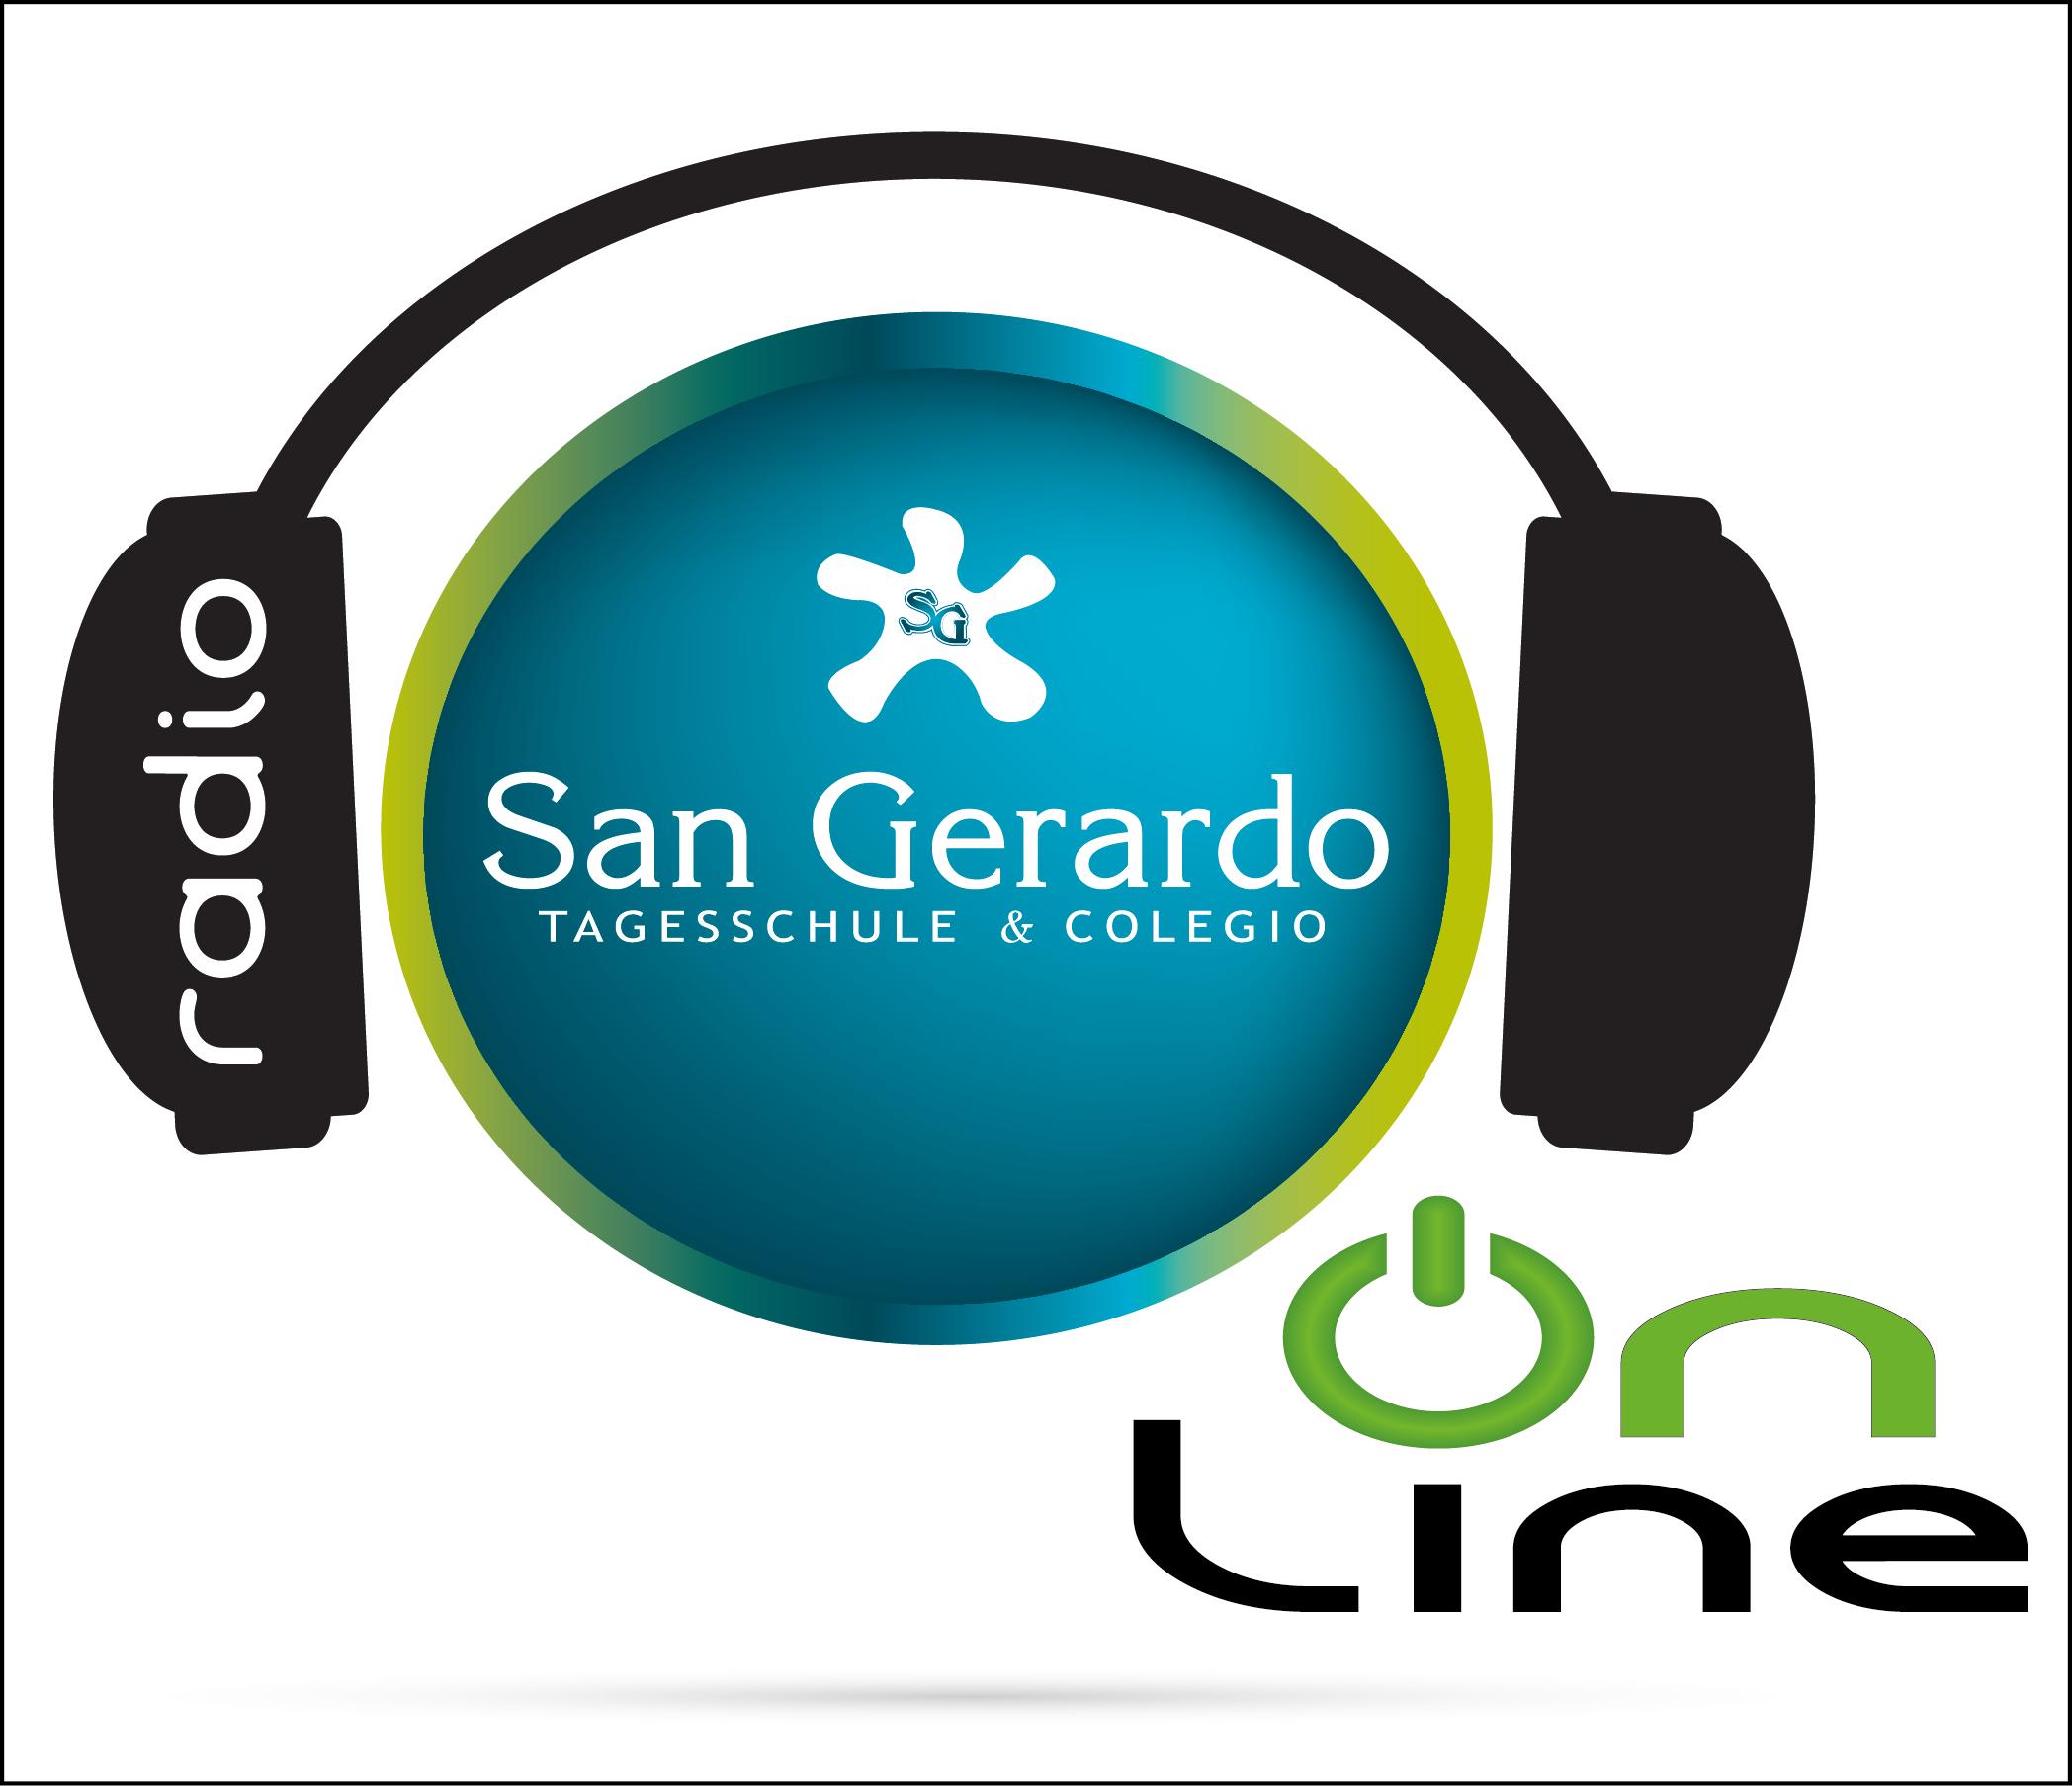 logo-radio-san-gerardo-online-fondo-blanco